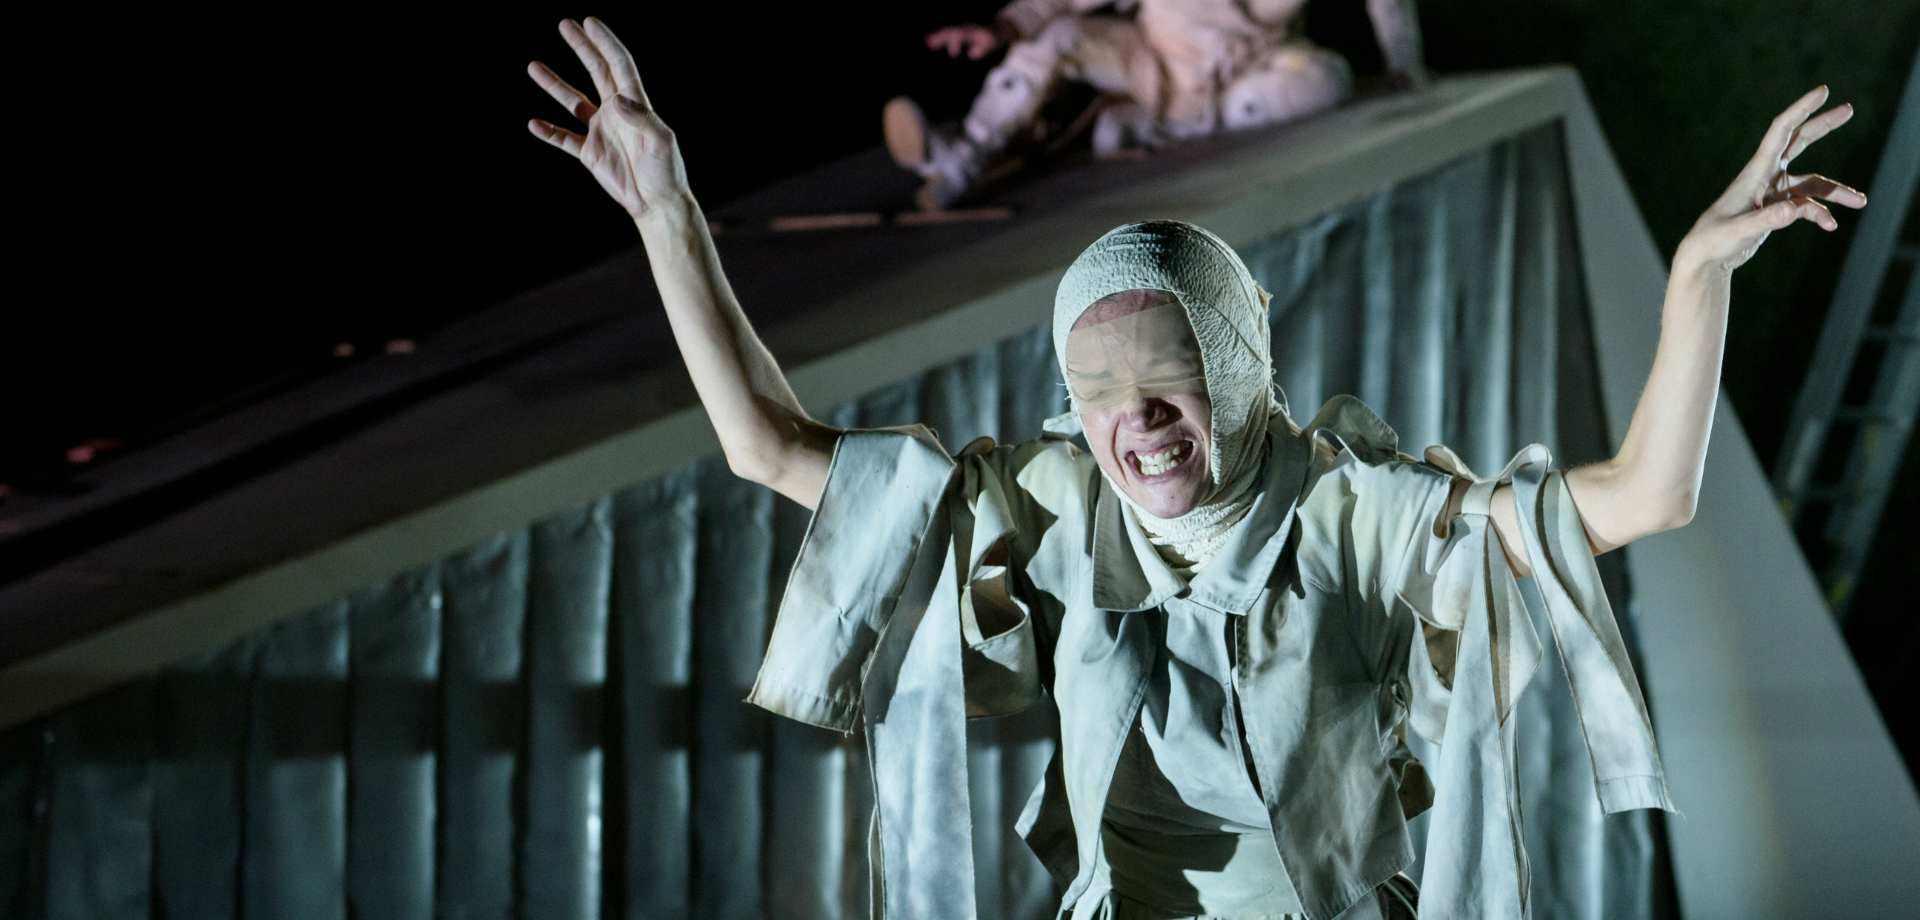 «Βάκχες» του Ευριπίδη σε σκηνοθεσία Νικαίτης Κοντούρη